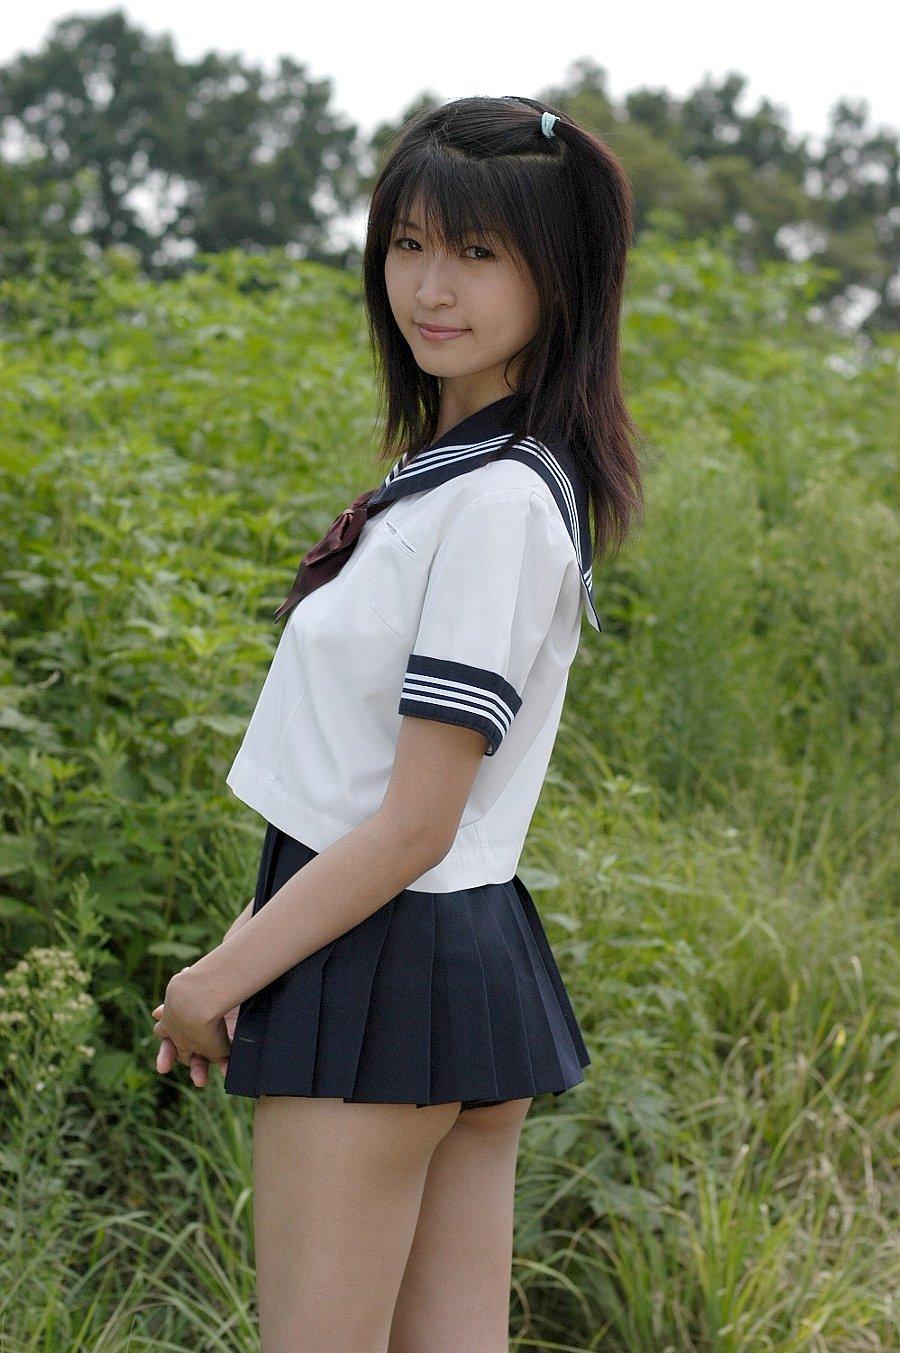 【制服エロ画像】君達まさか!?履いてないように見せた制服娘の横尻(*´д`*)